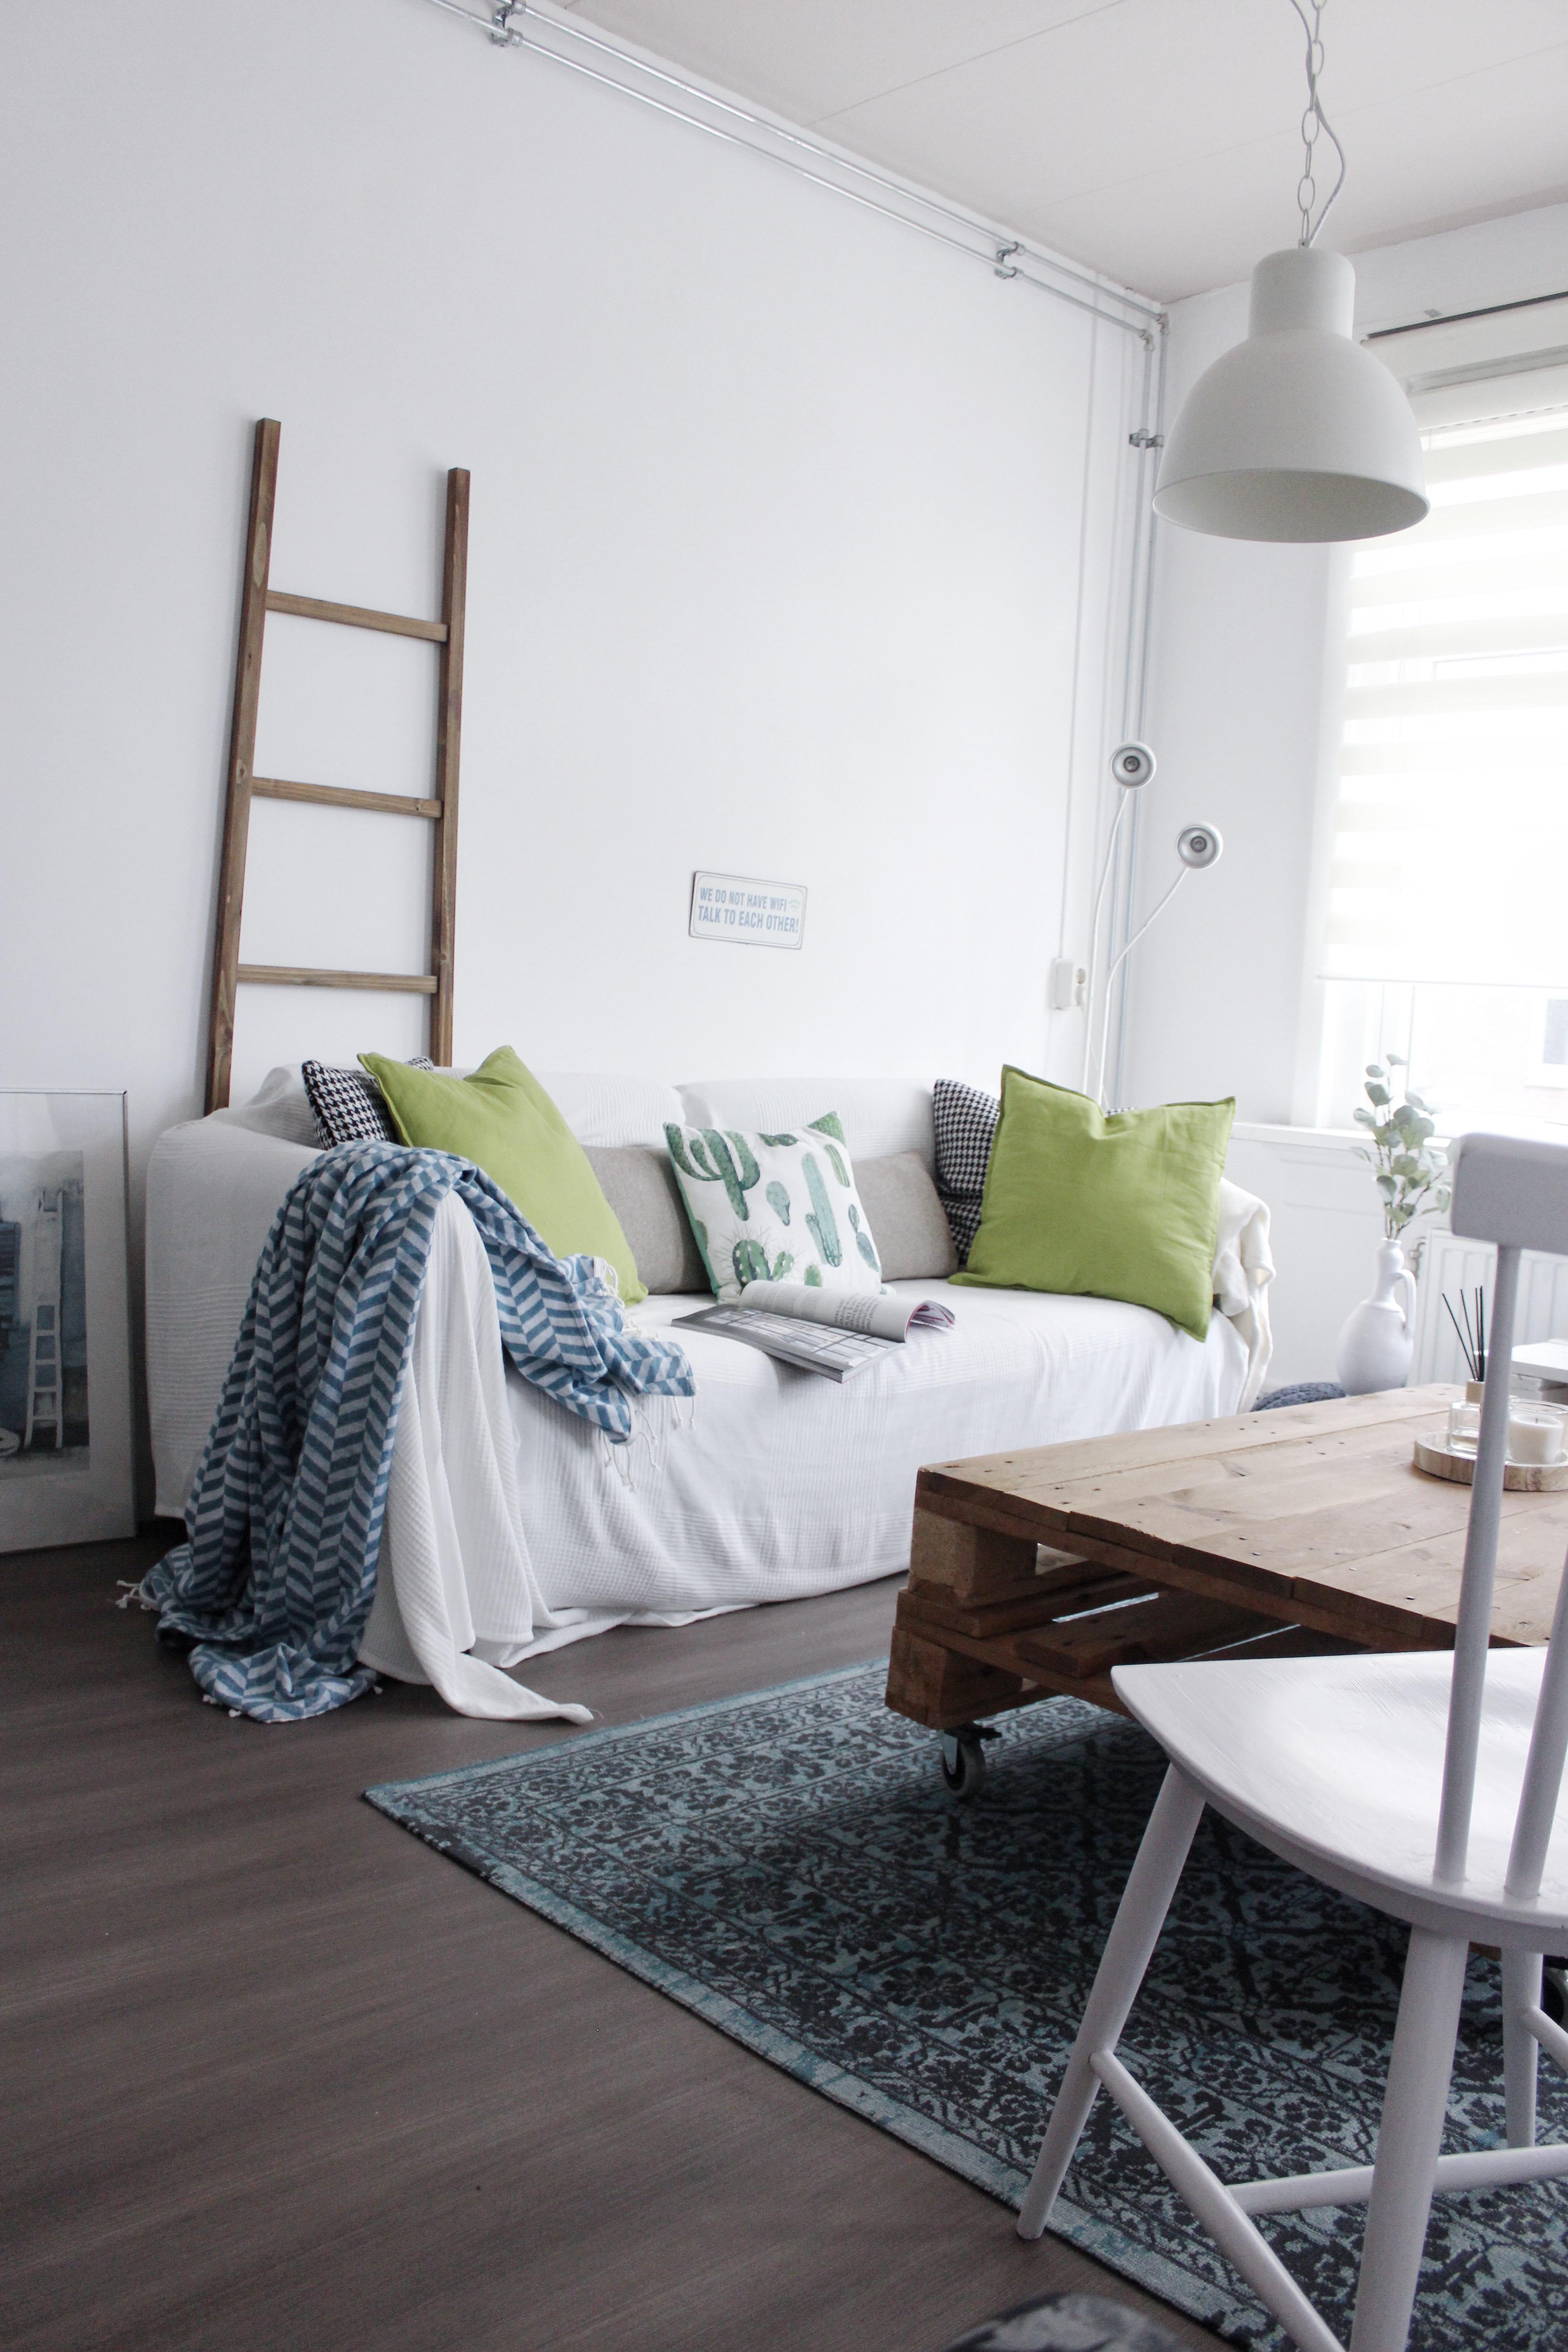 Geef jouw woonkamer een update! - Inspiraties - ShowHome.nl